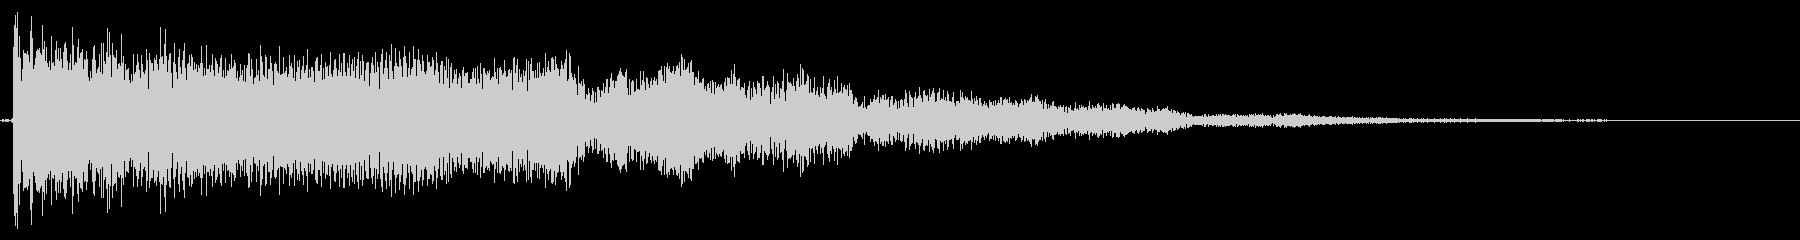 【エレキギター】クリスタル系な音の未再生の波形